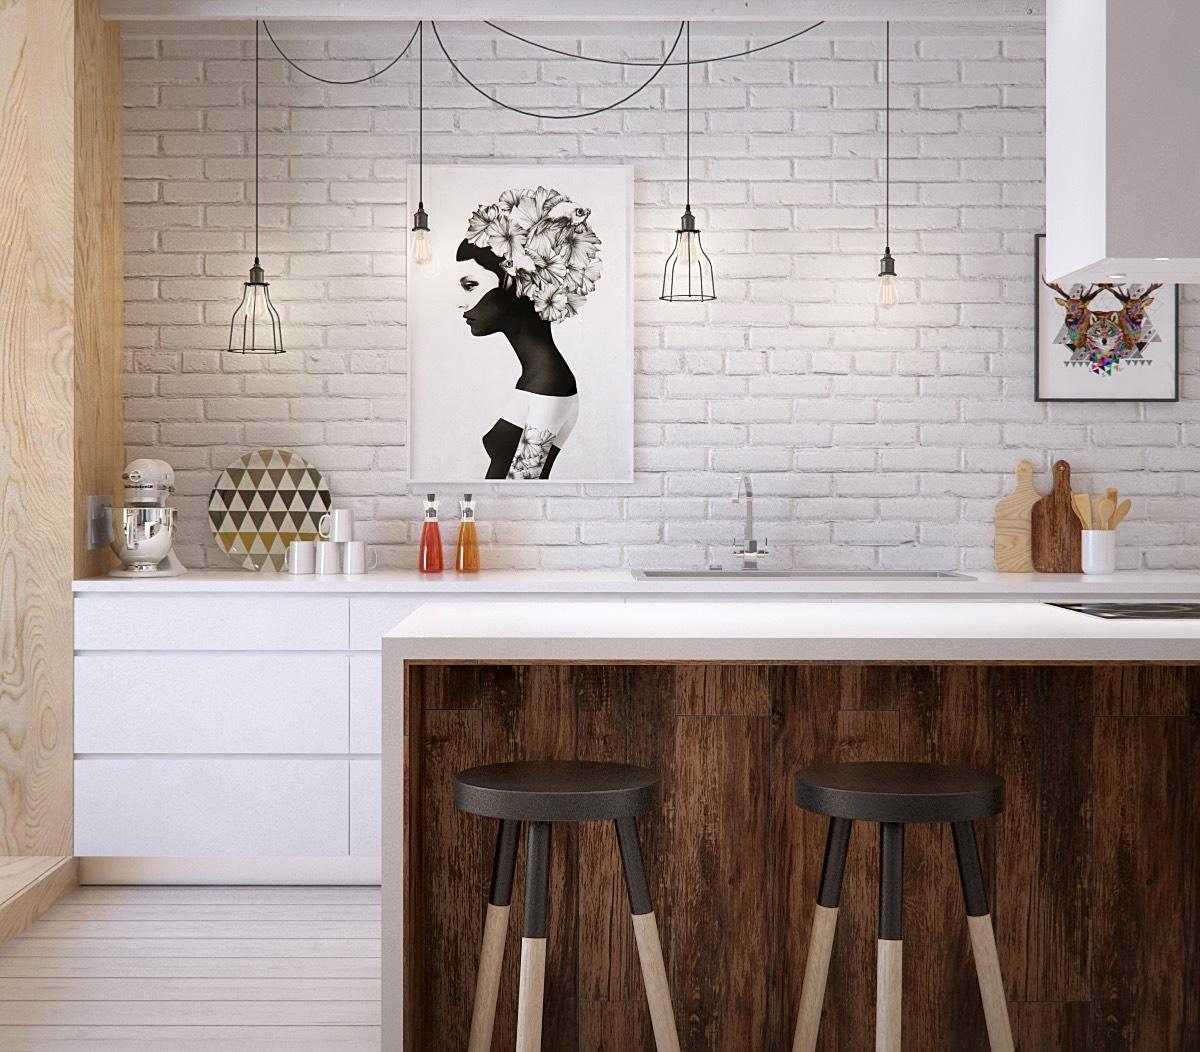 Ламинат можно использовать весьма оригинальным способом, например, применить его в частичной отделке фасада кухни